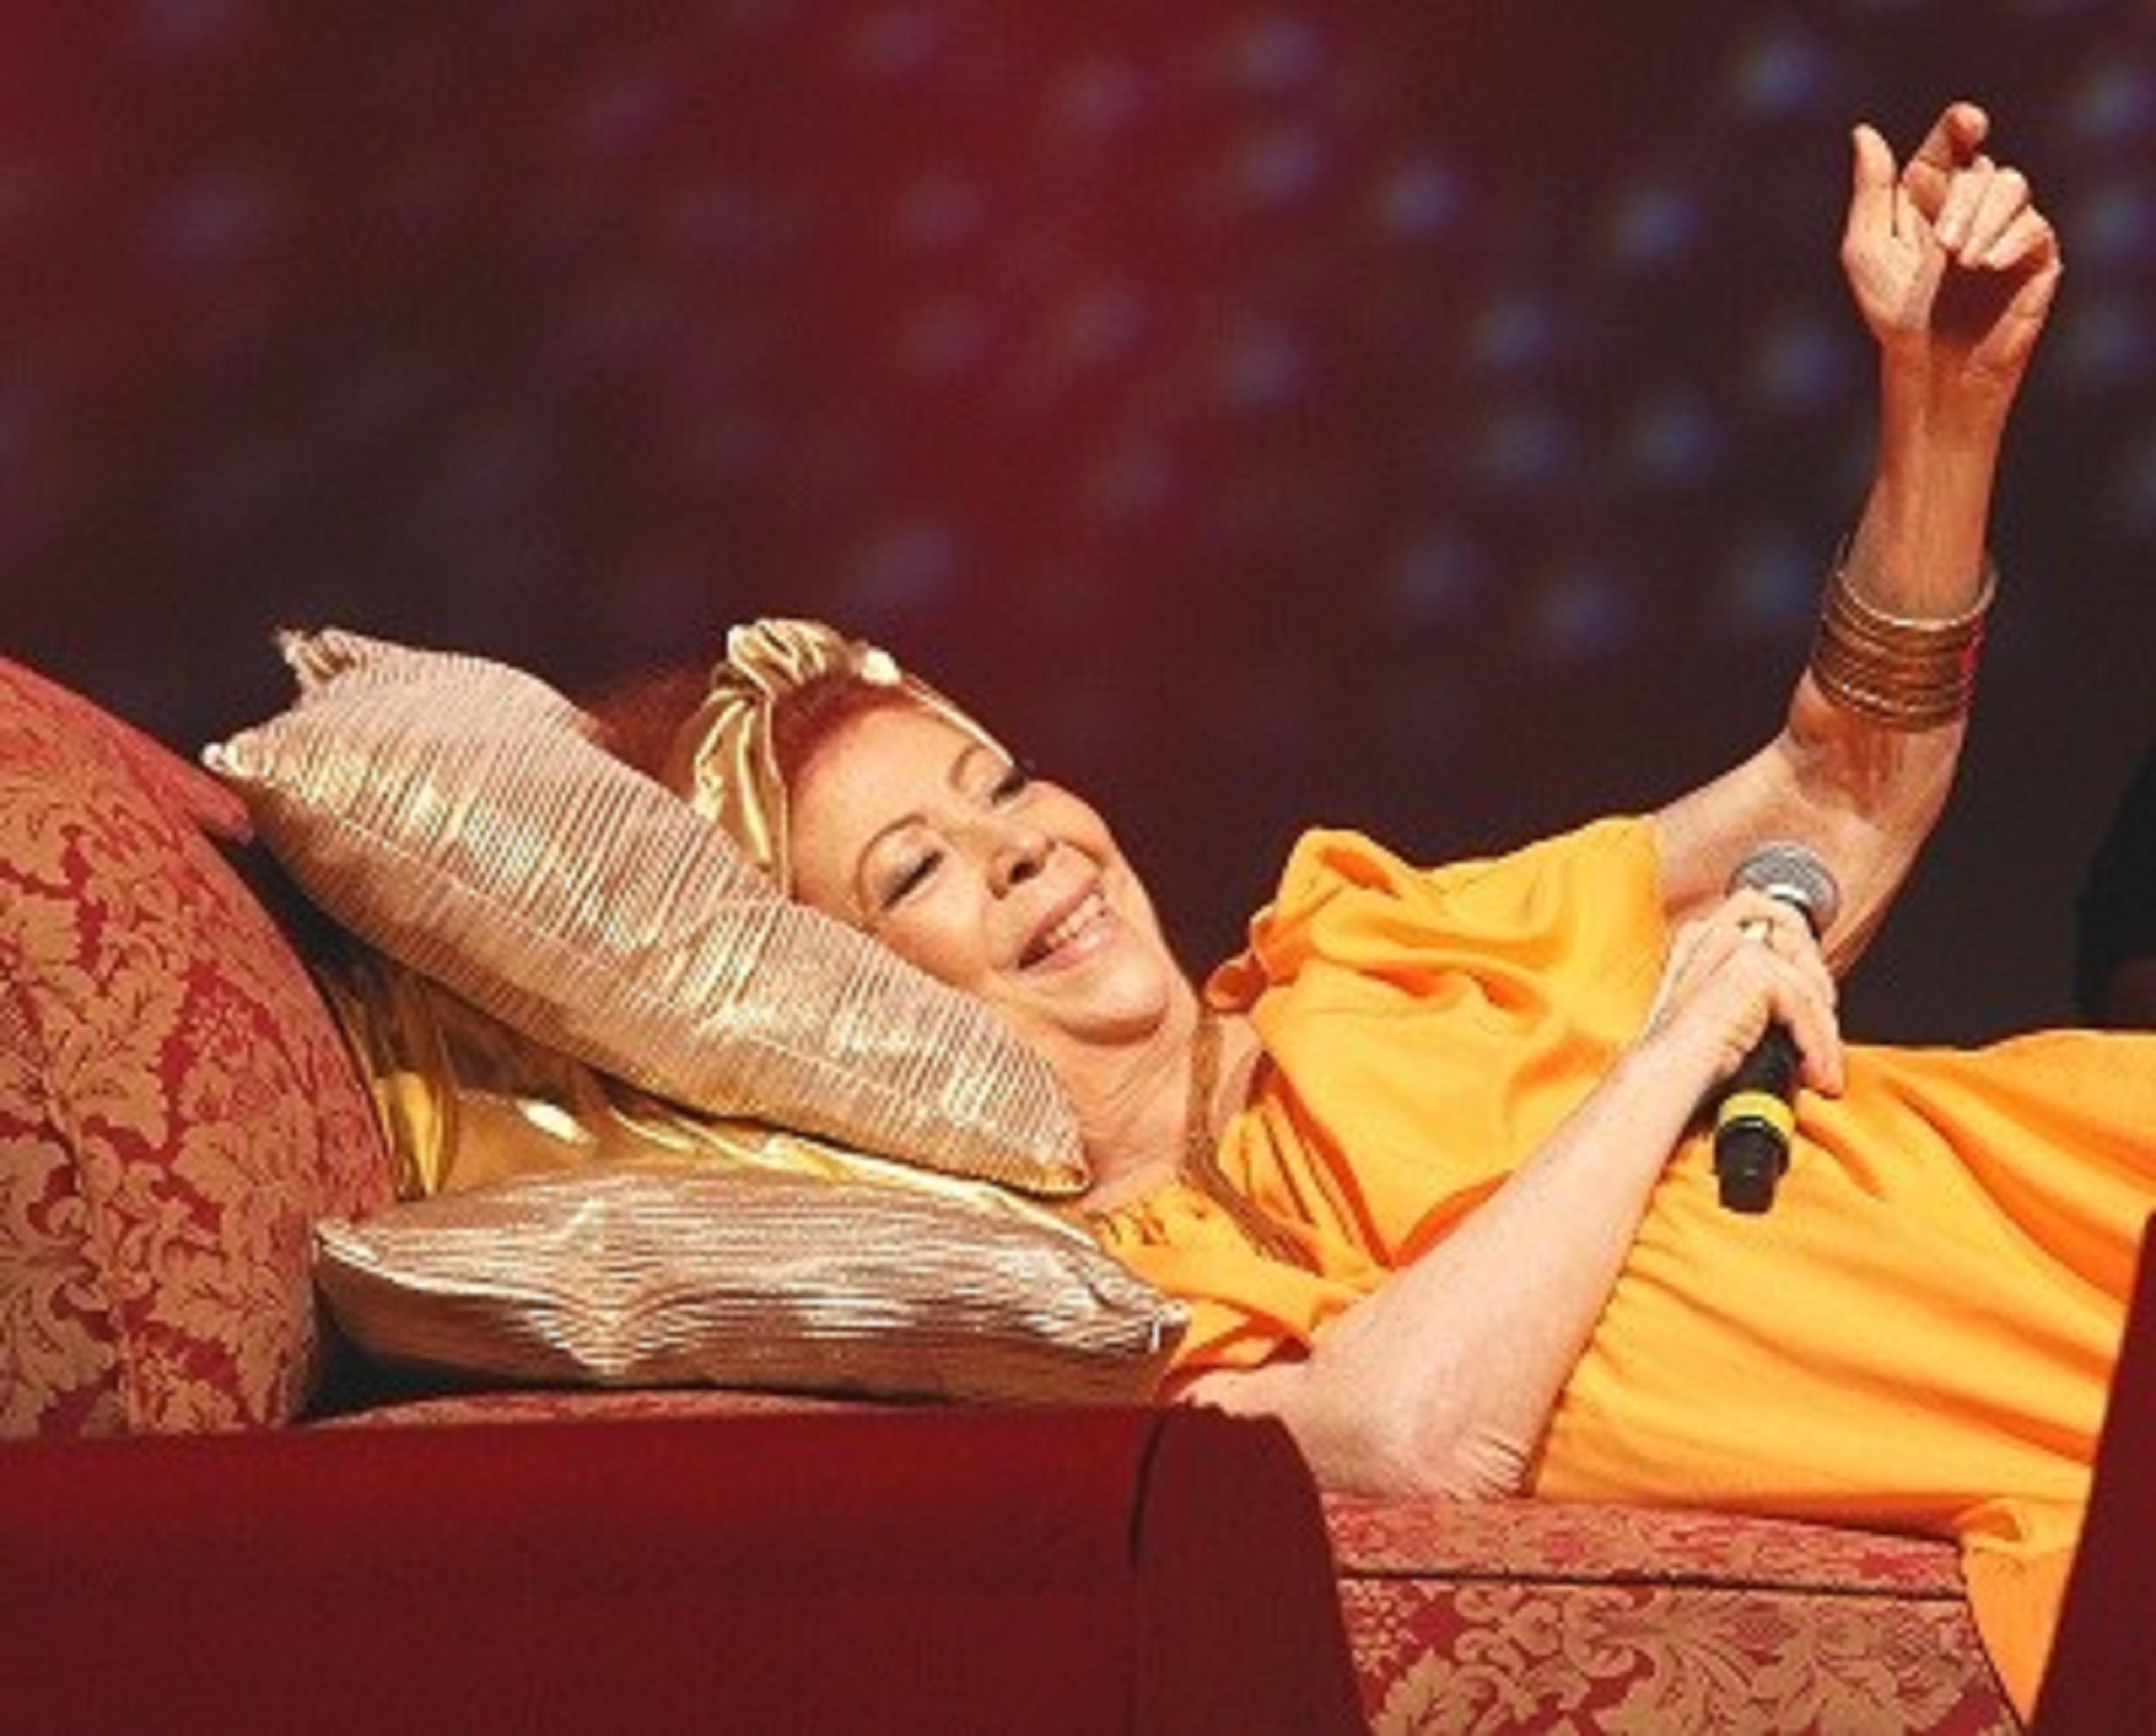 Beth carvalho deitada